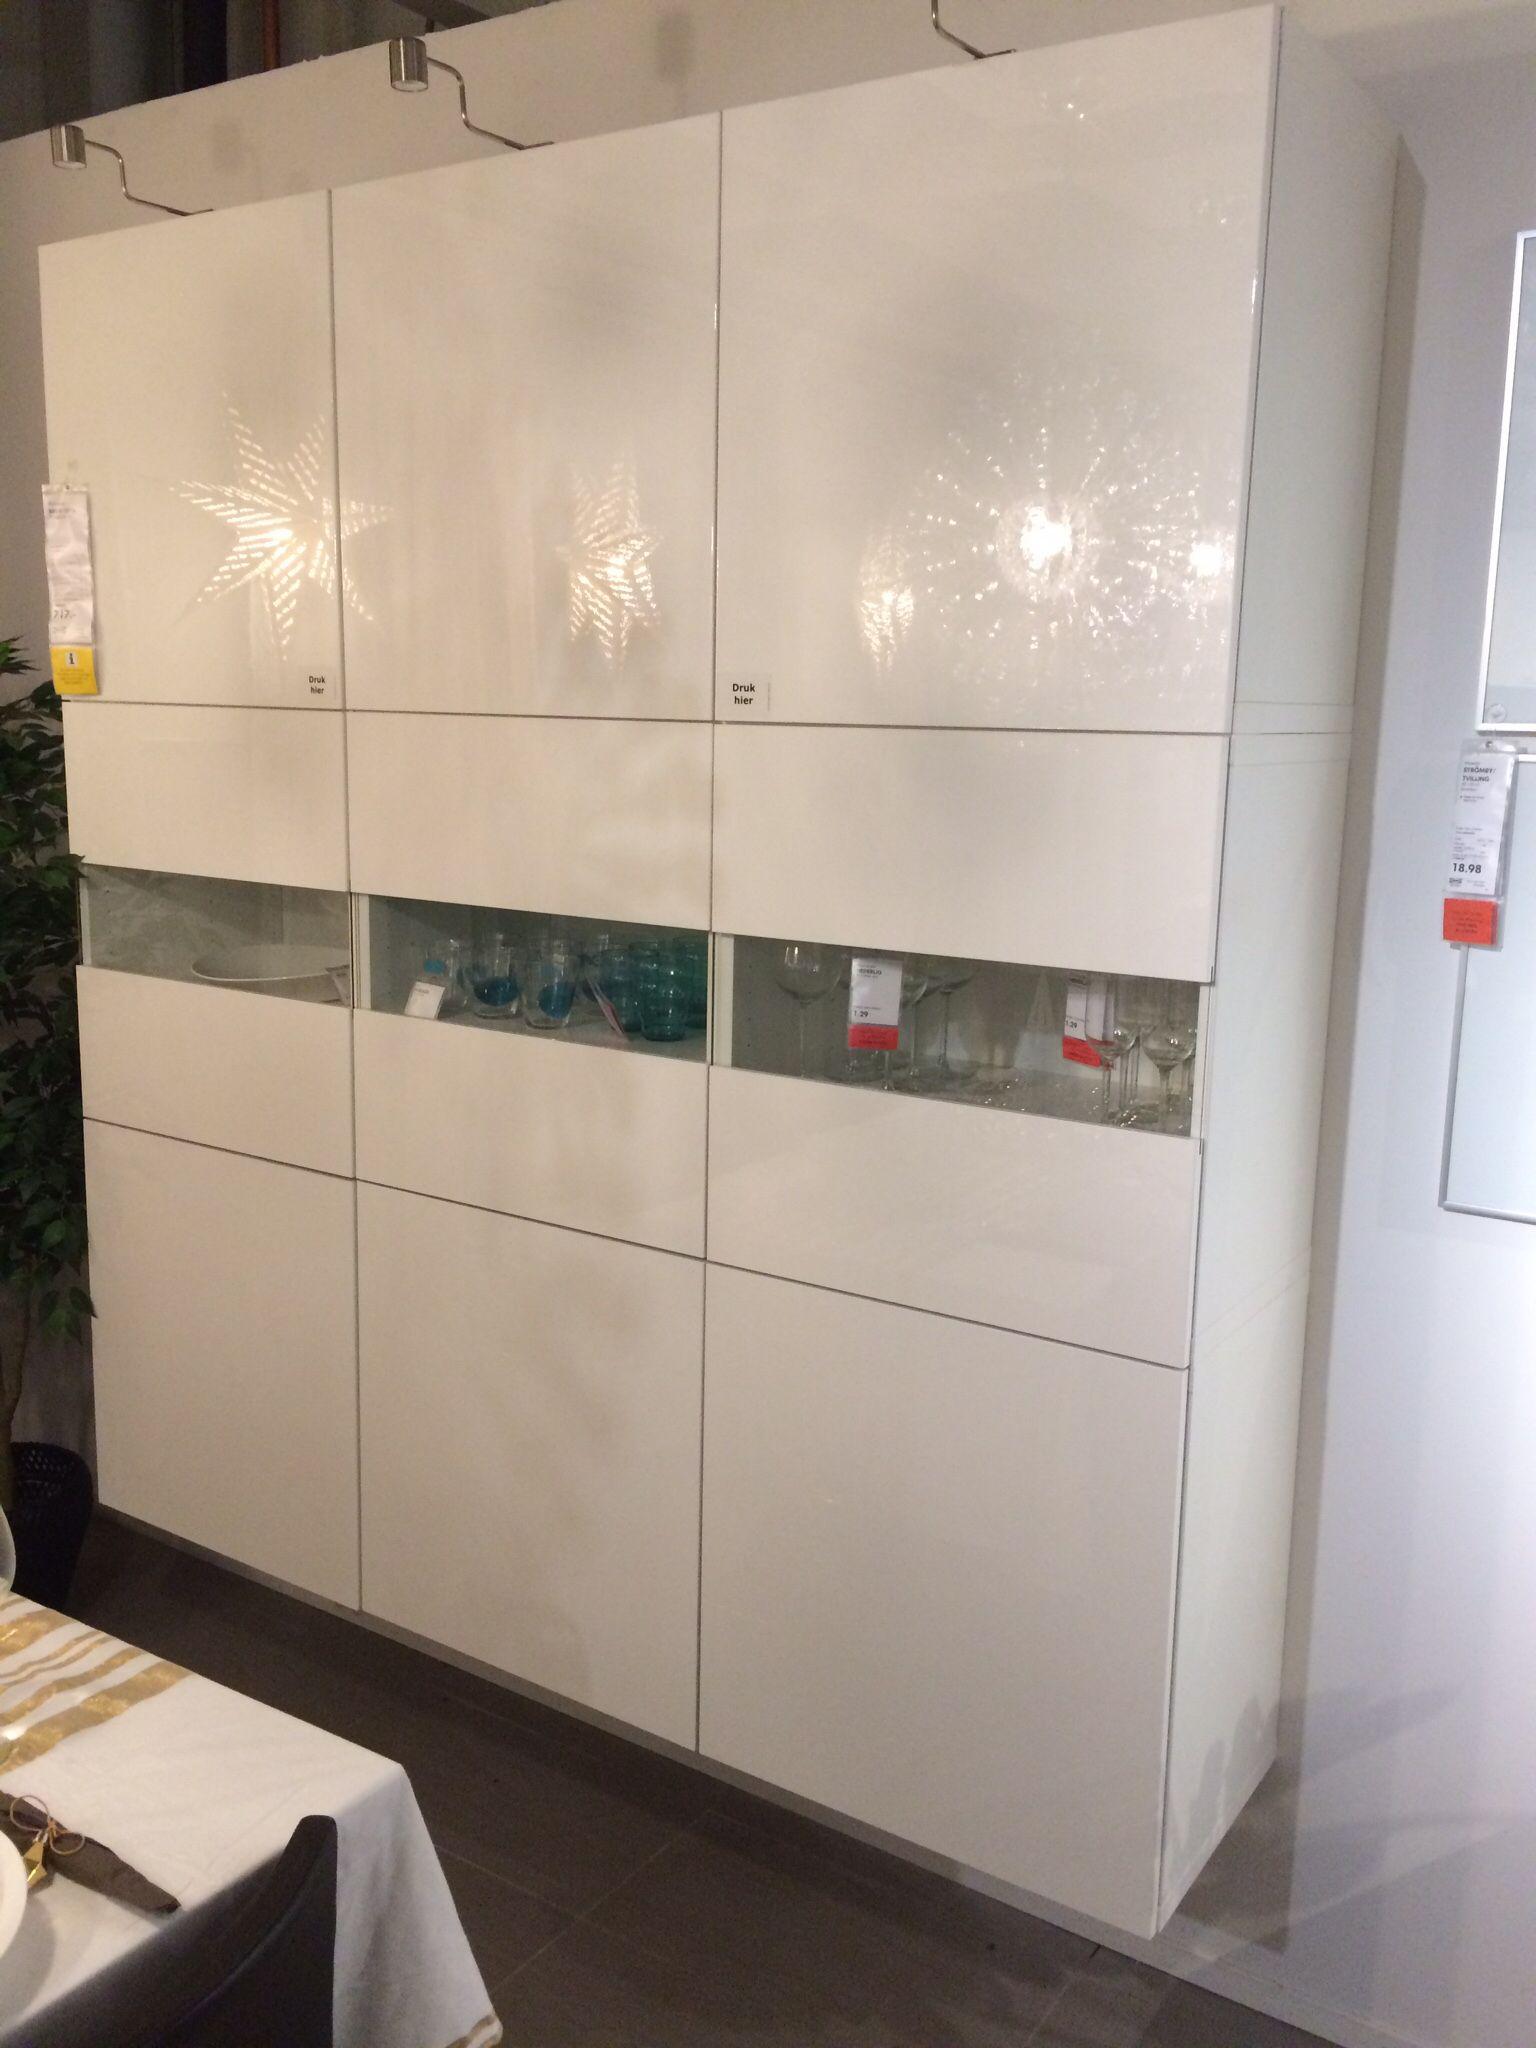 Besta Ikea Ikea Ideen Wohnzimmer Sideboard Wohnzimmer